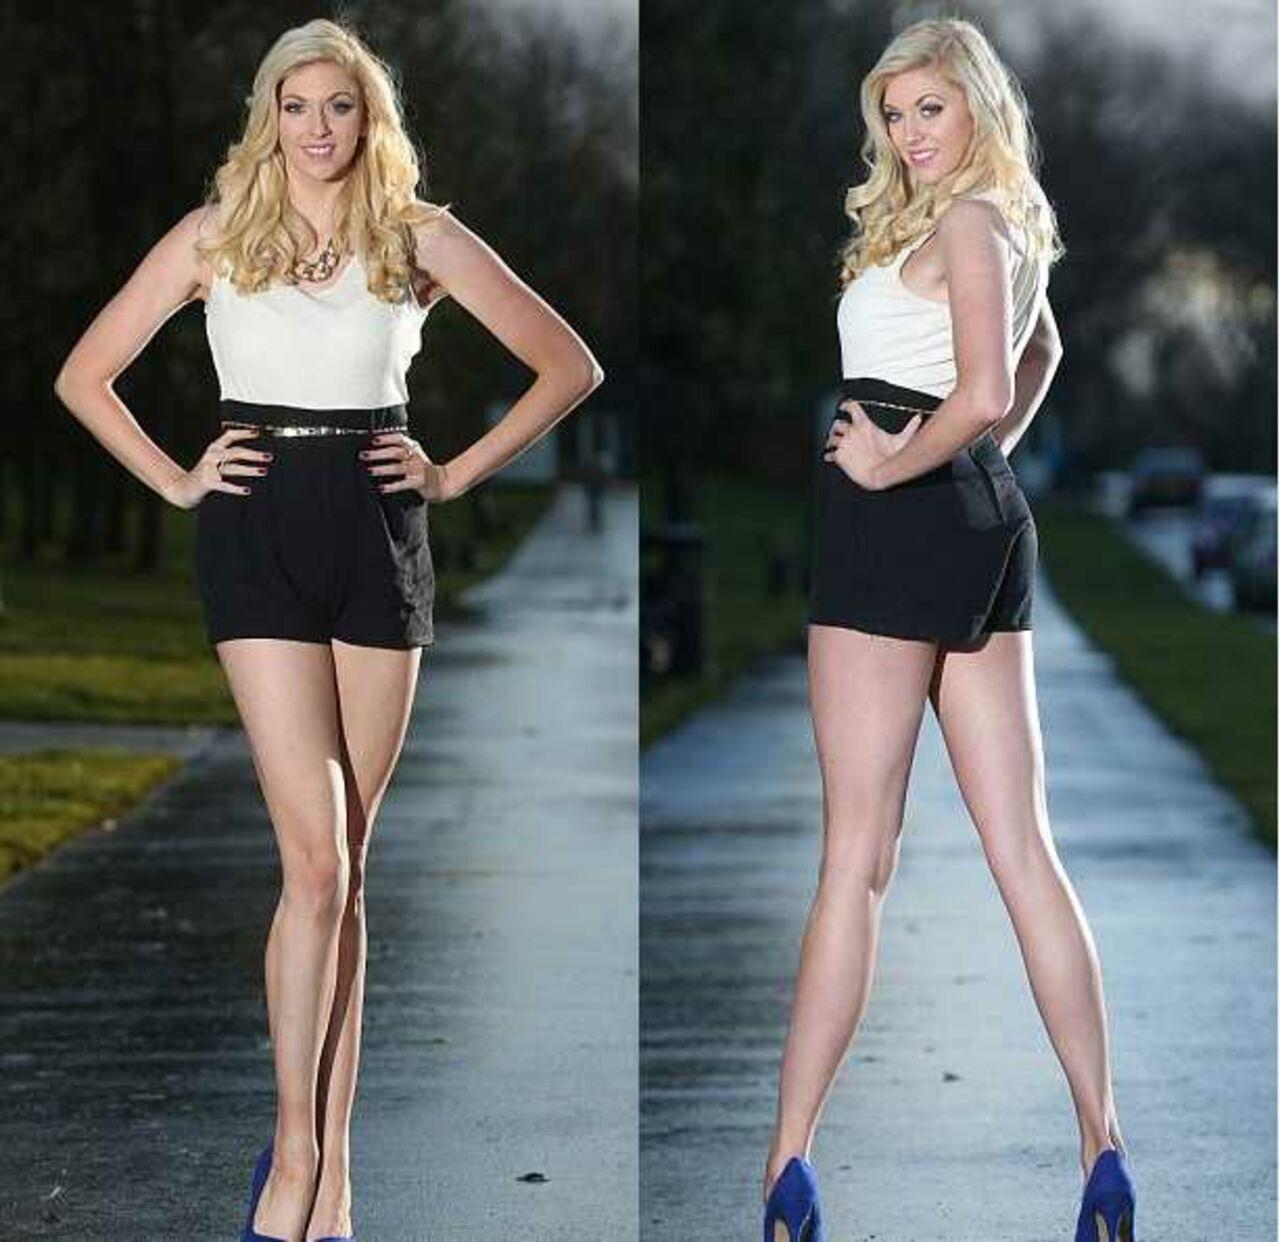 Фото моделей длинные ноги 3 фотография